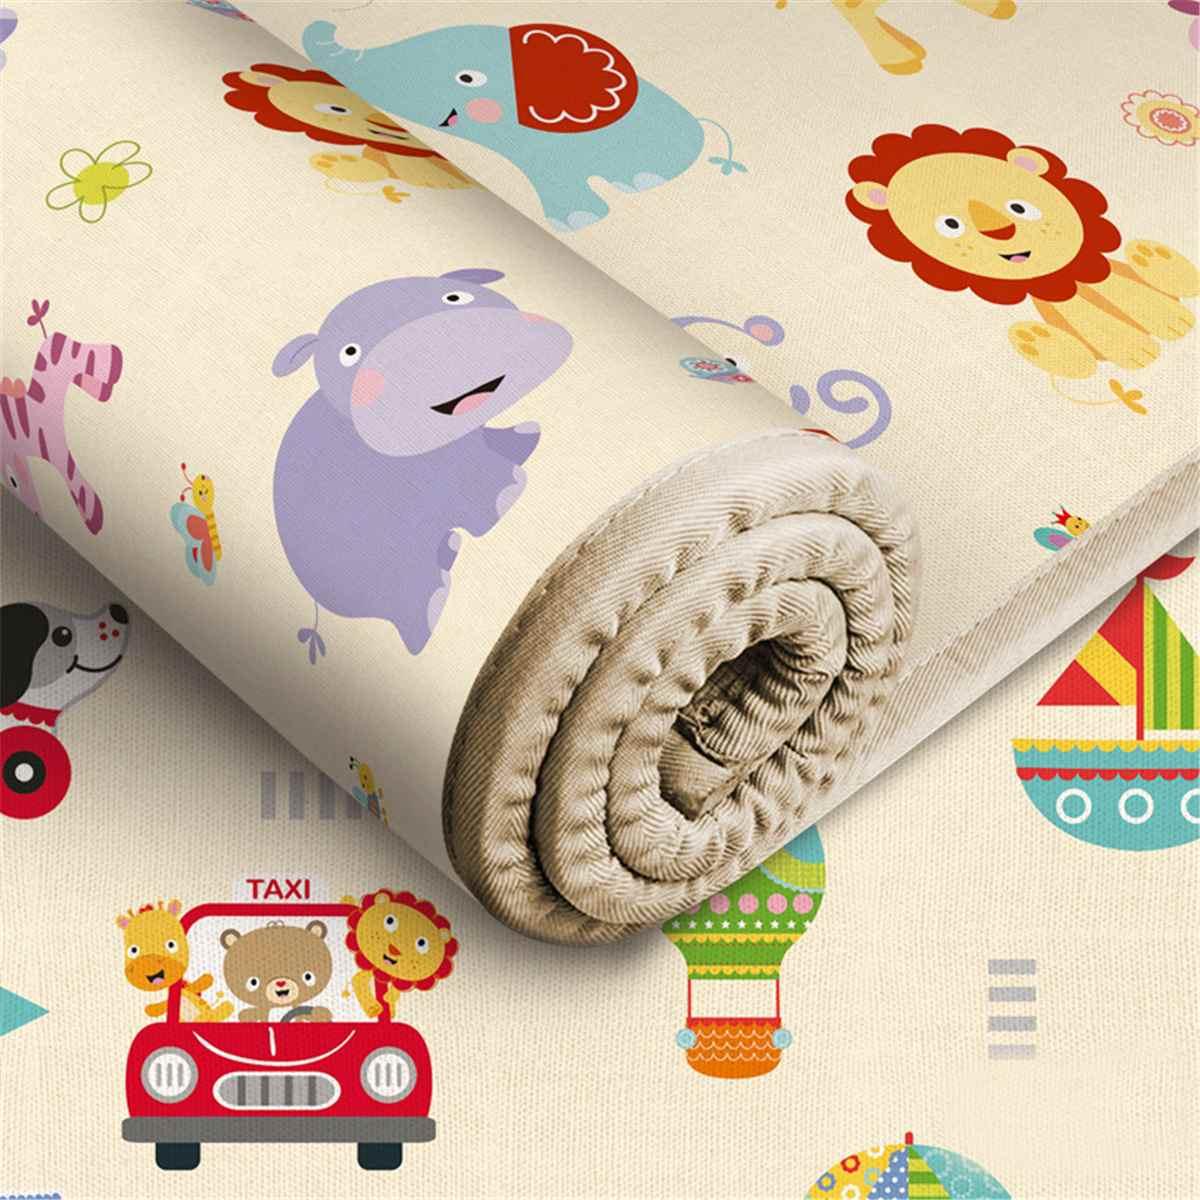 Tapis de jeu pliant pour bébé en bas âge tapis rampant tapis d'escalade tapis rampant tapis pour bébé tapis éducatif pour enfants 180x200cm